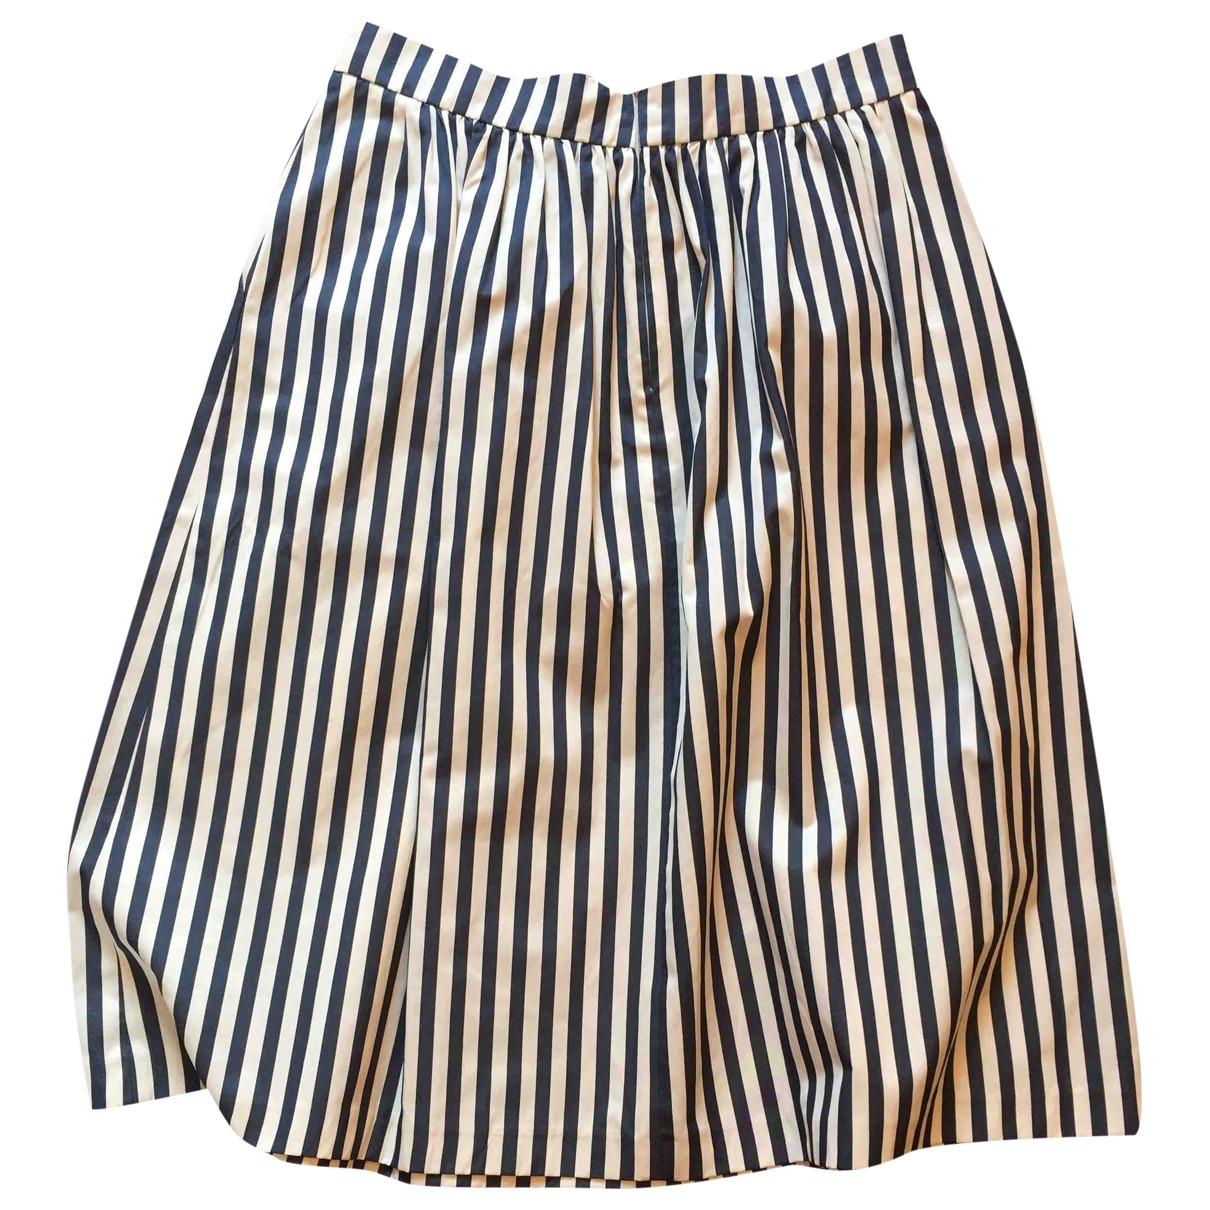 Zara \N Blue skirt for Women L International